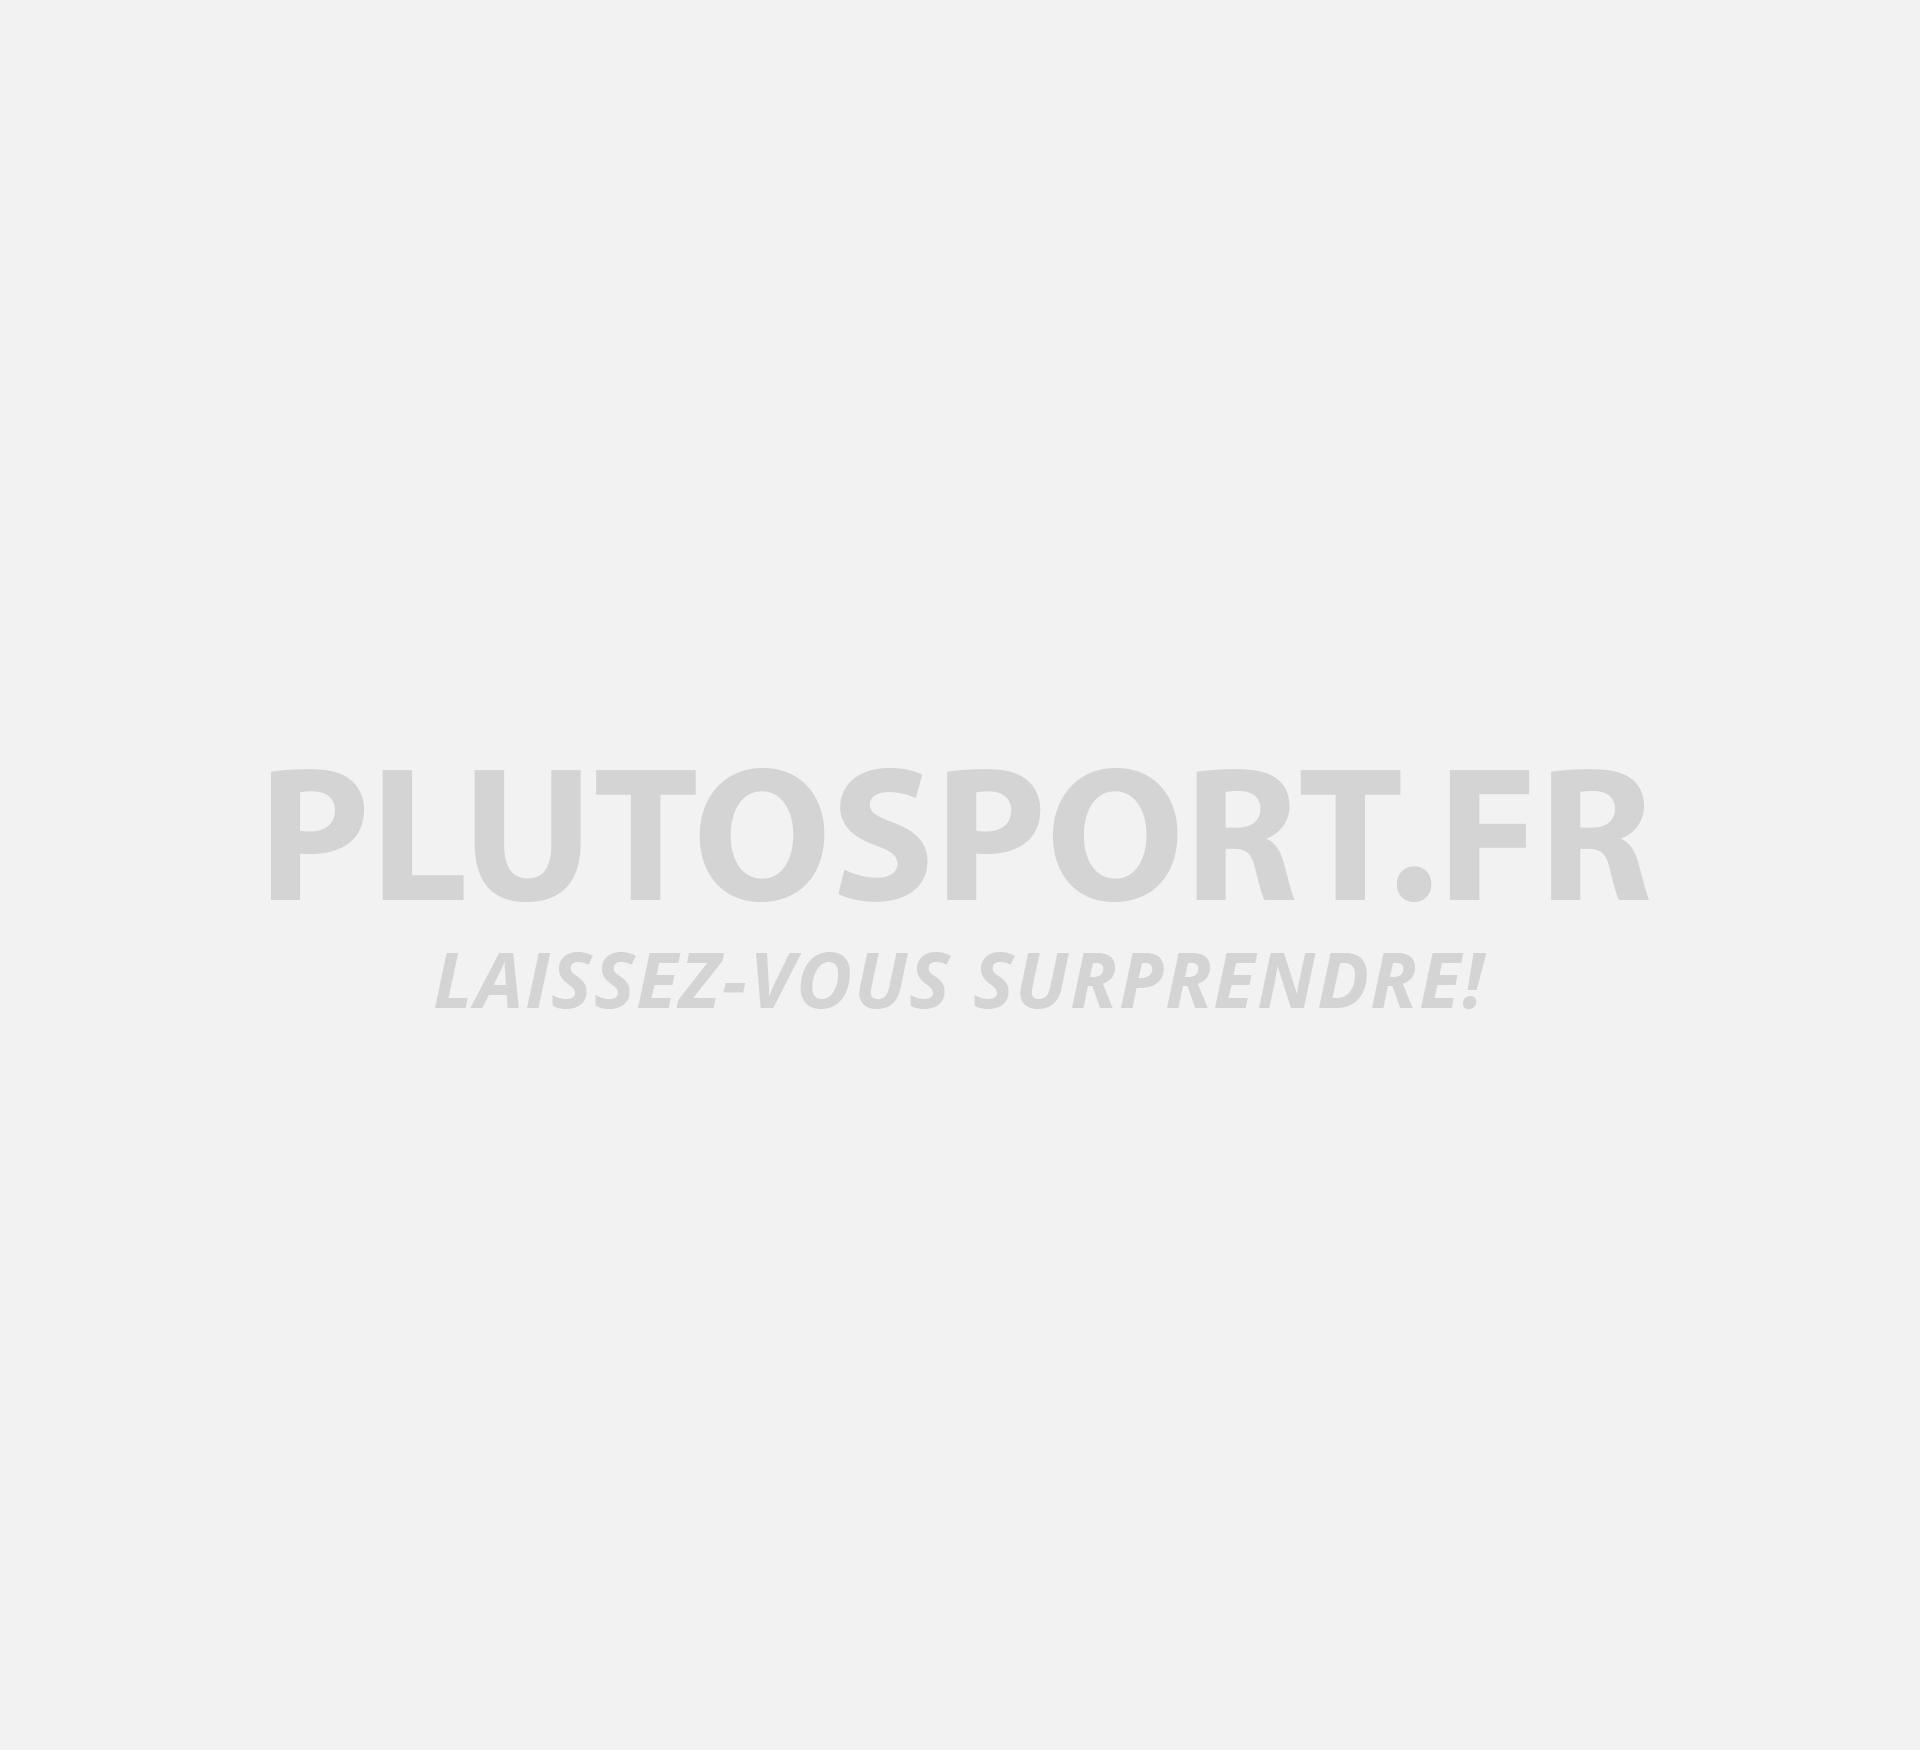 La chaussure de tennis pour femmes Asics Gel-Dedicate 5